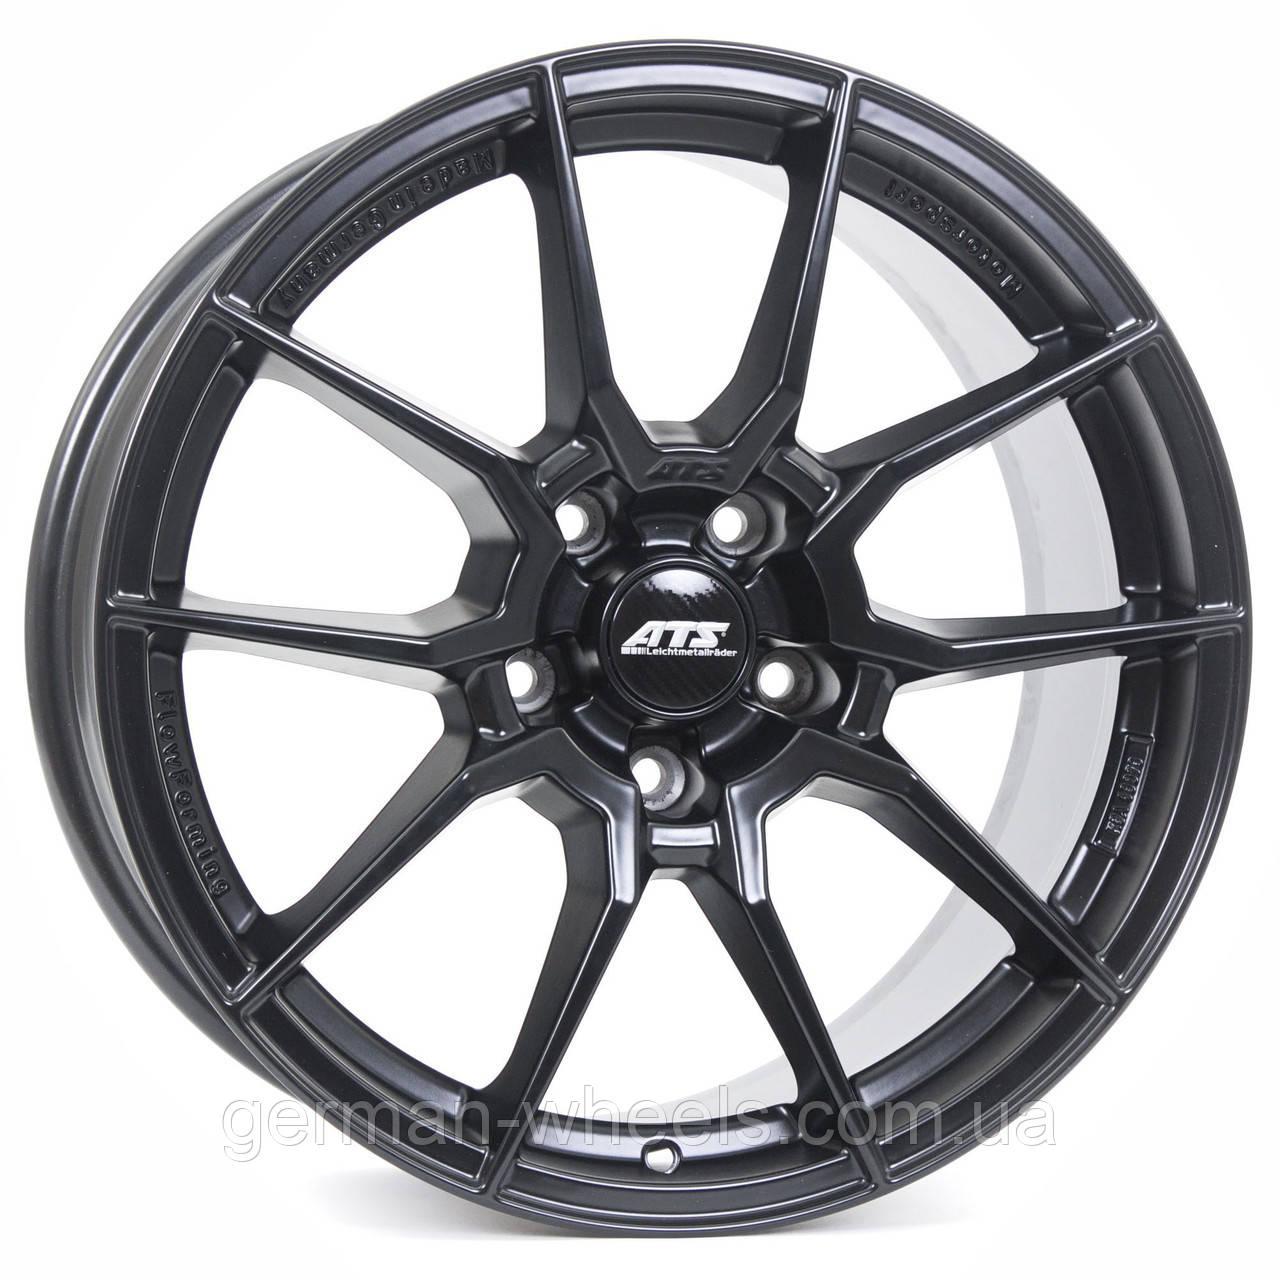 """Диски ATS (АТС) модель RACELIGHT цвет Racing-black параметры 11.0J x 19"""" 5 x 112 ET 30"""